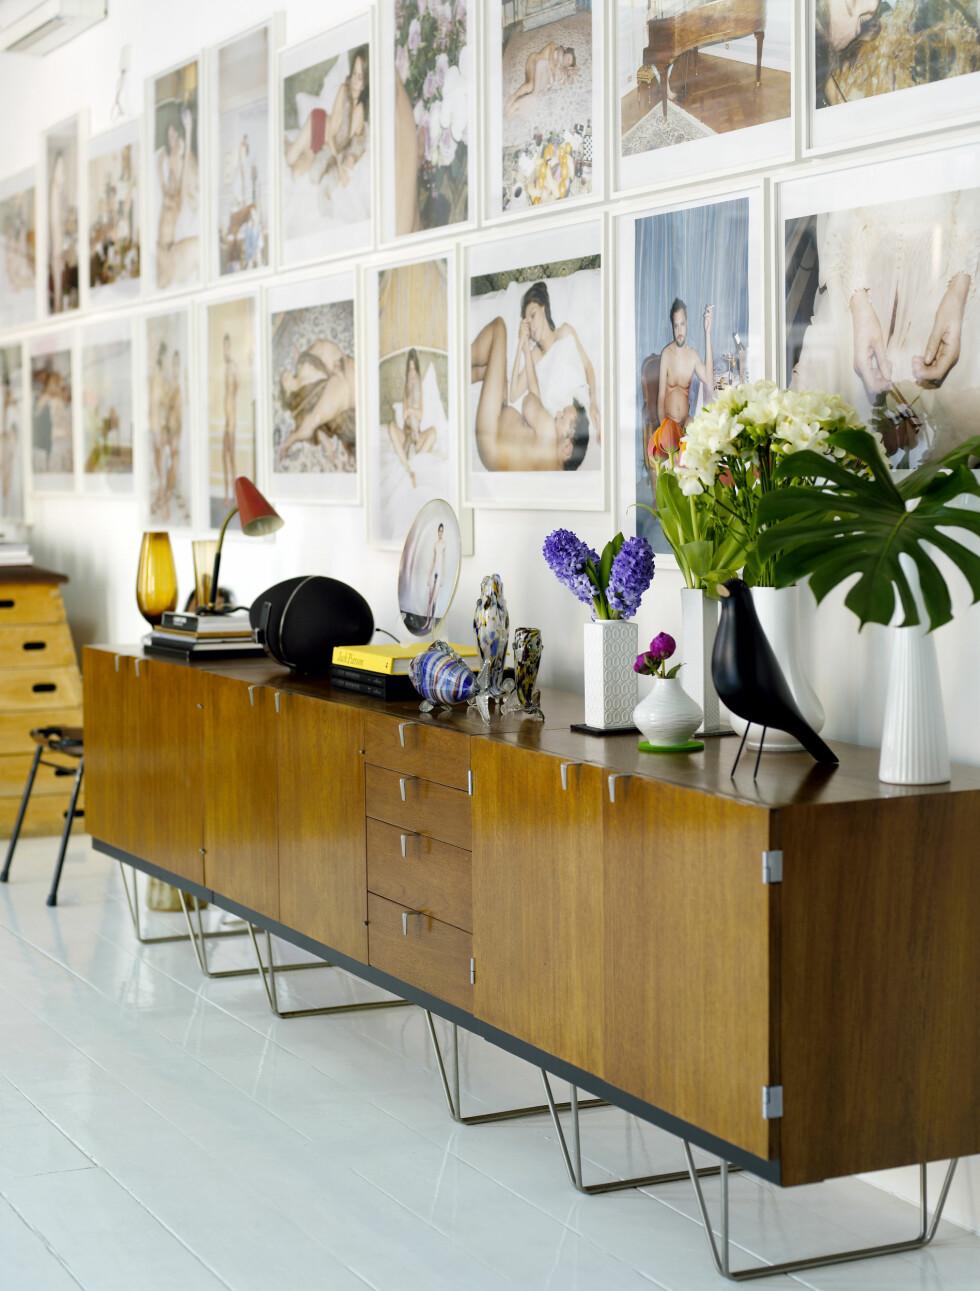 Teakmøbler fra 50-tallet og kunst står sentralt hjemme hos Gorka. Foto: Richard Powers/IDECOR images